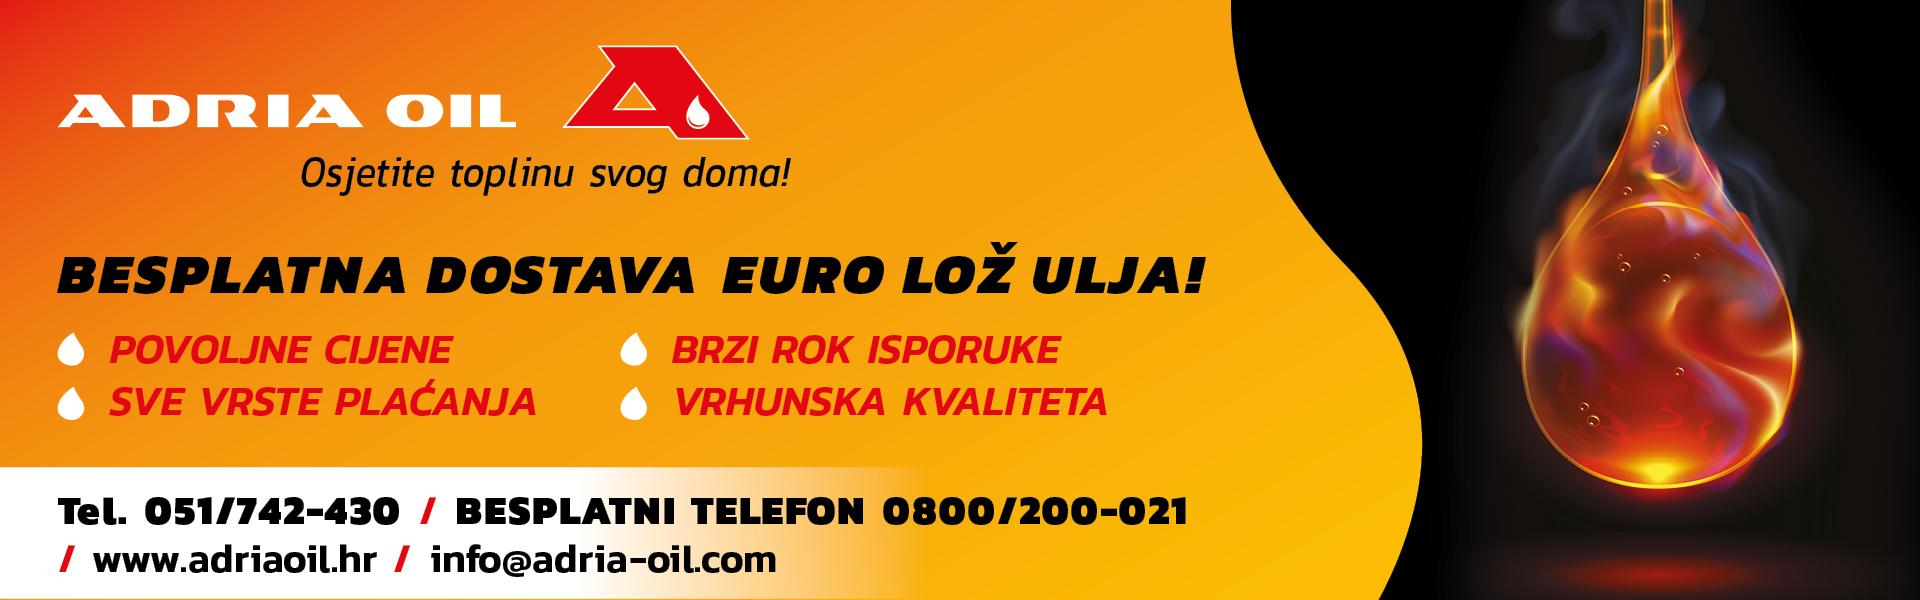 https://www.adriaoil.hr/Repository/Banners/lozulje.JPG